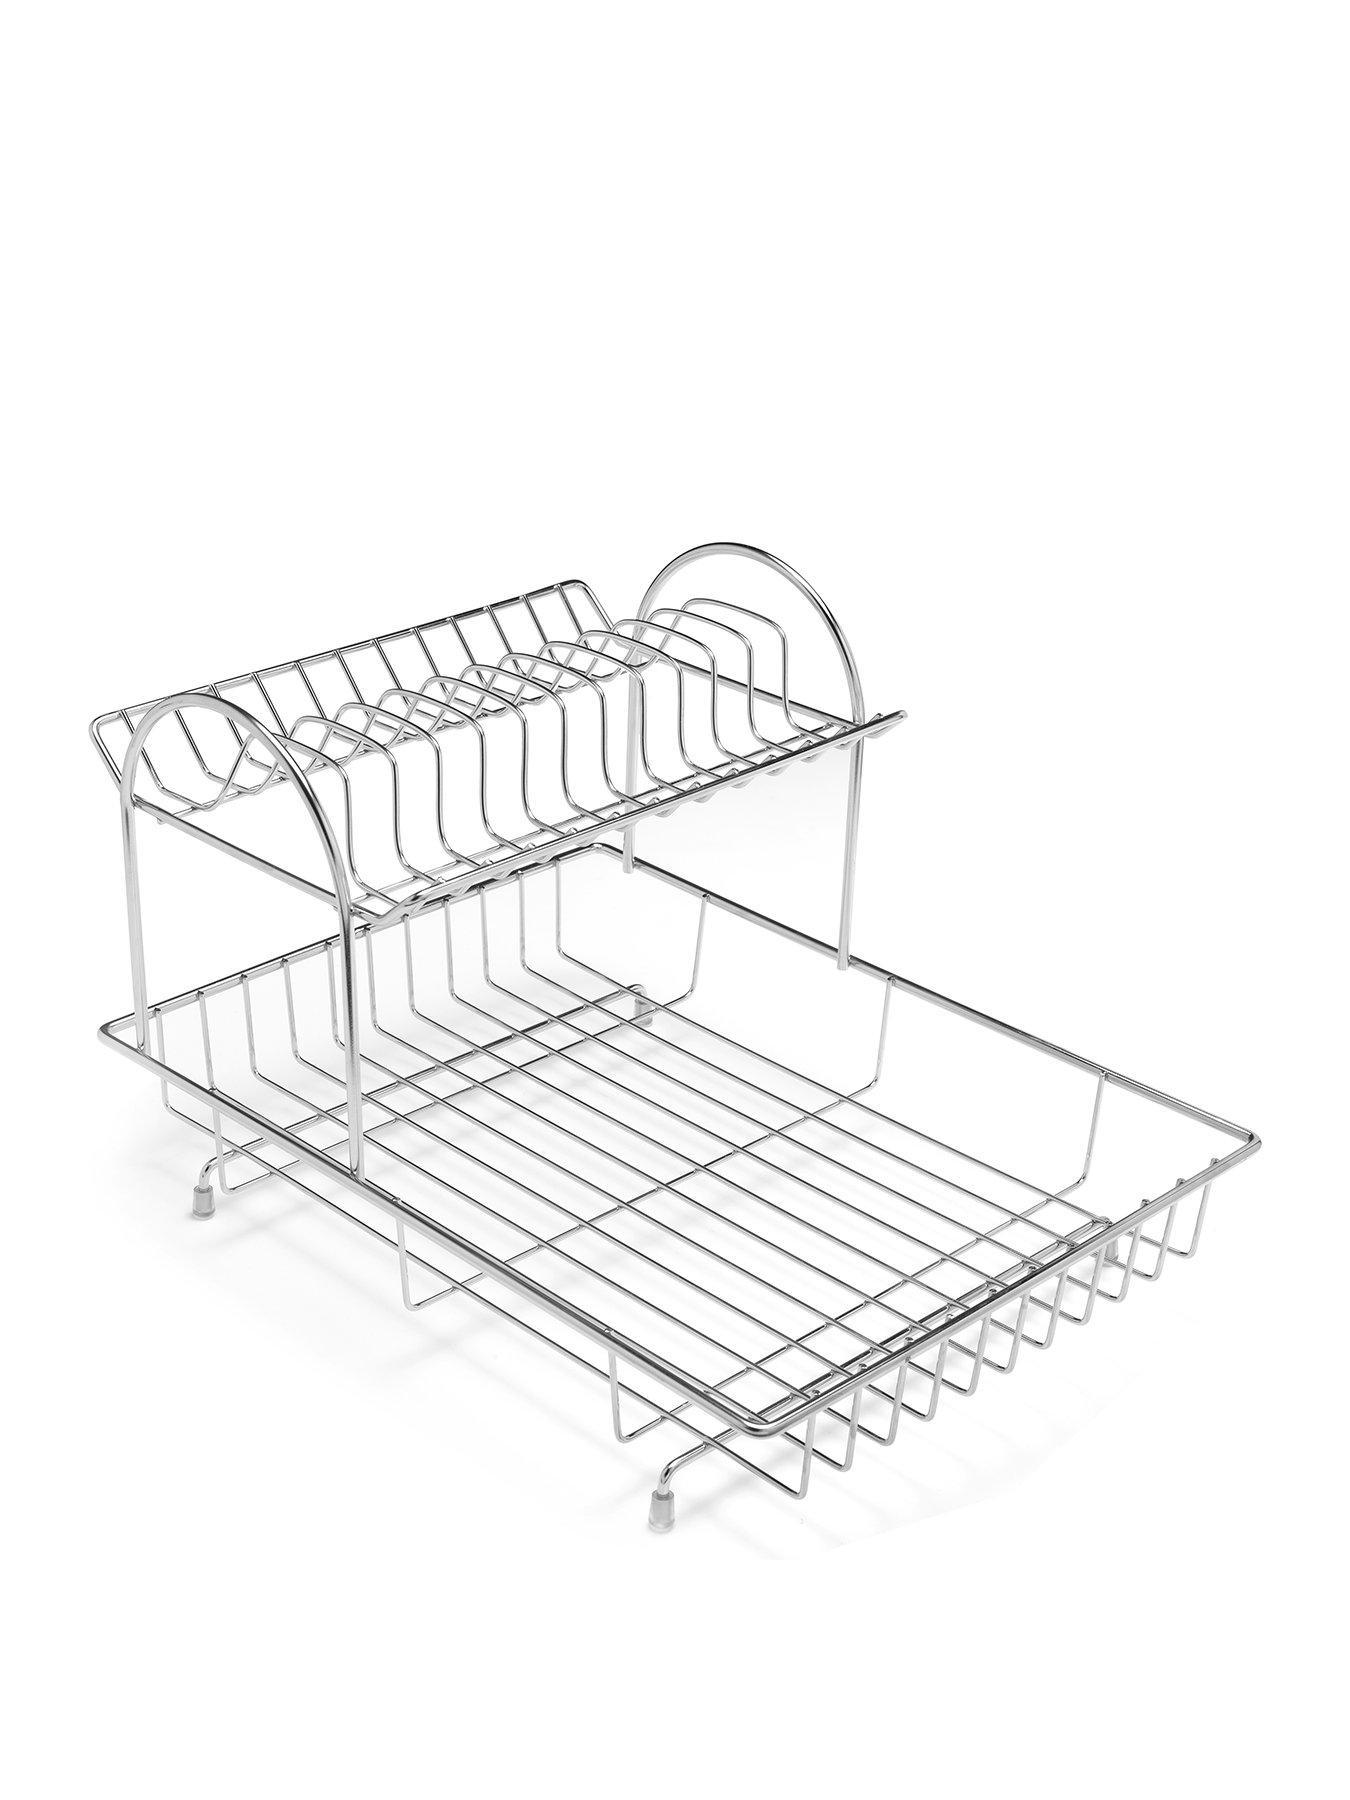 2 tier dish draining rack